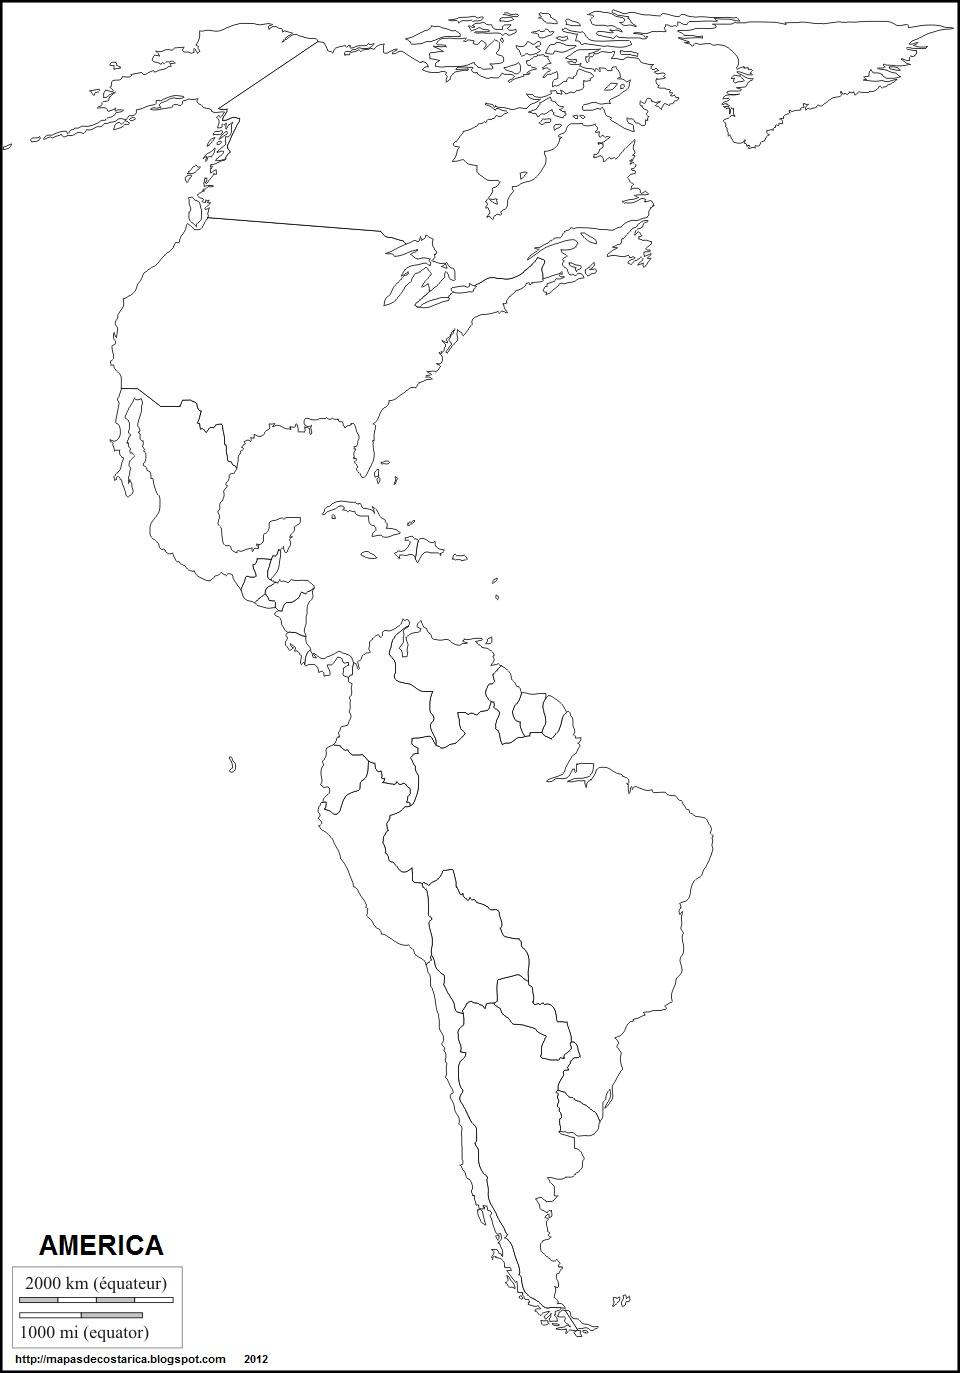 Mapa Fisico De Oceania Mudo Para Imprimir En Blanco Y Negro.Mapa De America Mudo Para Imprimir